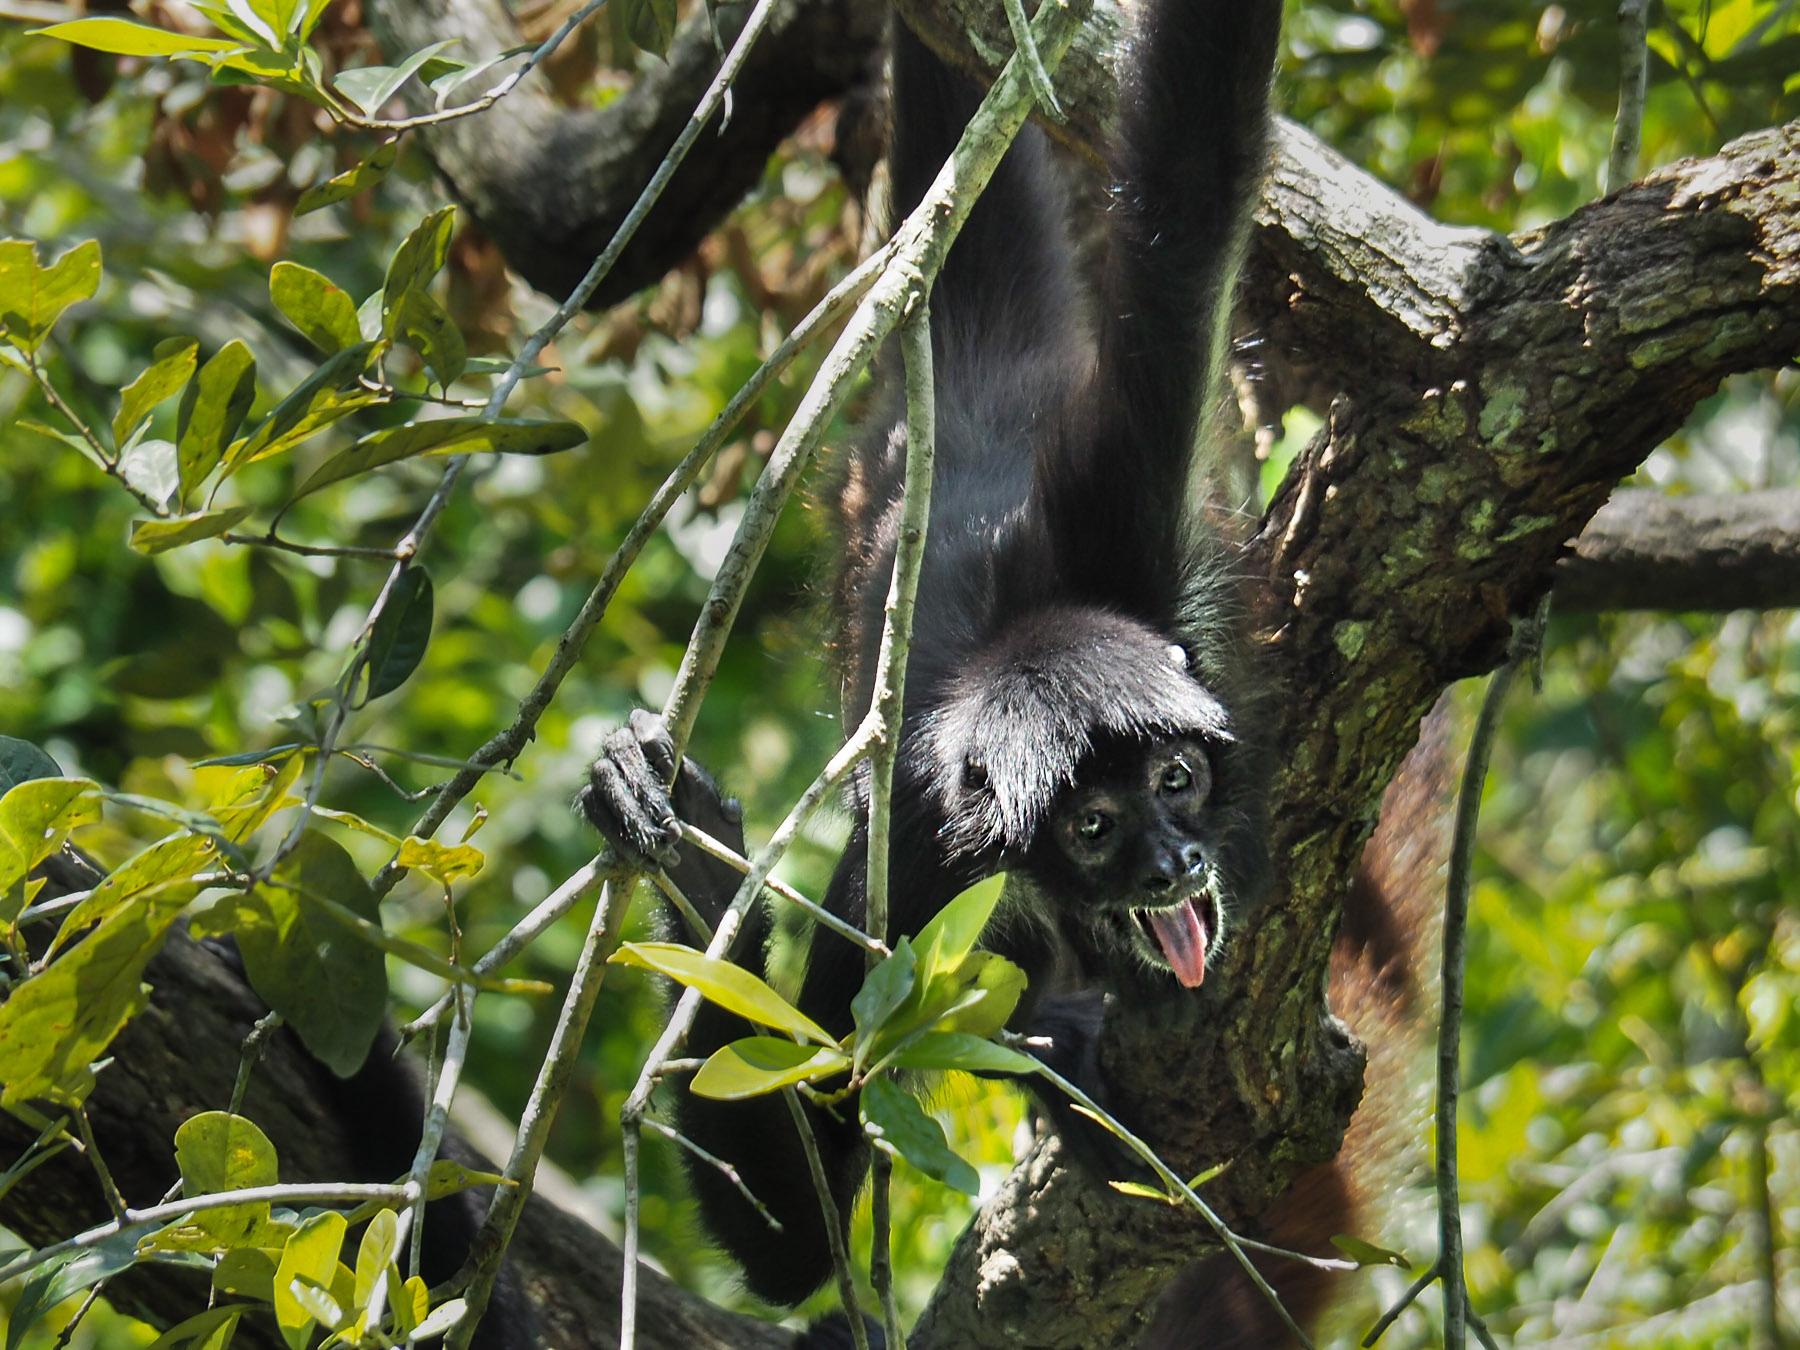 Lustiges Klammeräffchen (Foto im Zoo) - trifft man immer wieder bei den Ruinen im Dschungel